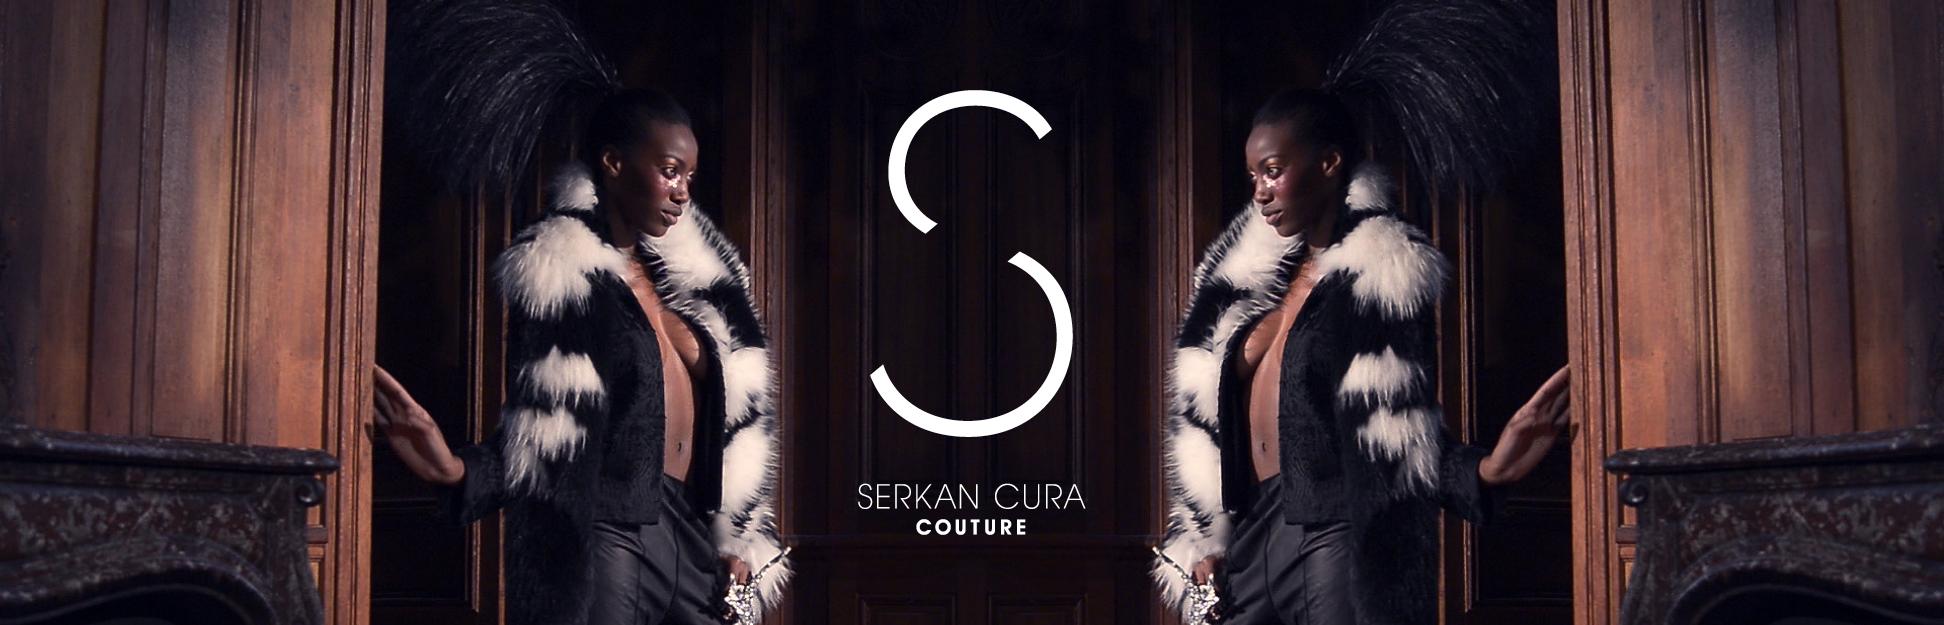 SERKAN_CURA3